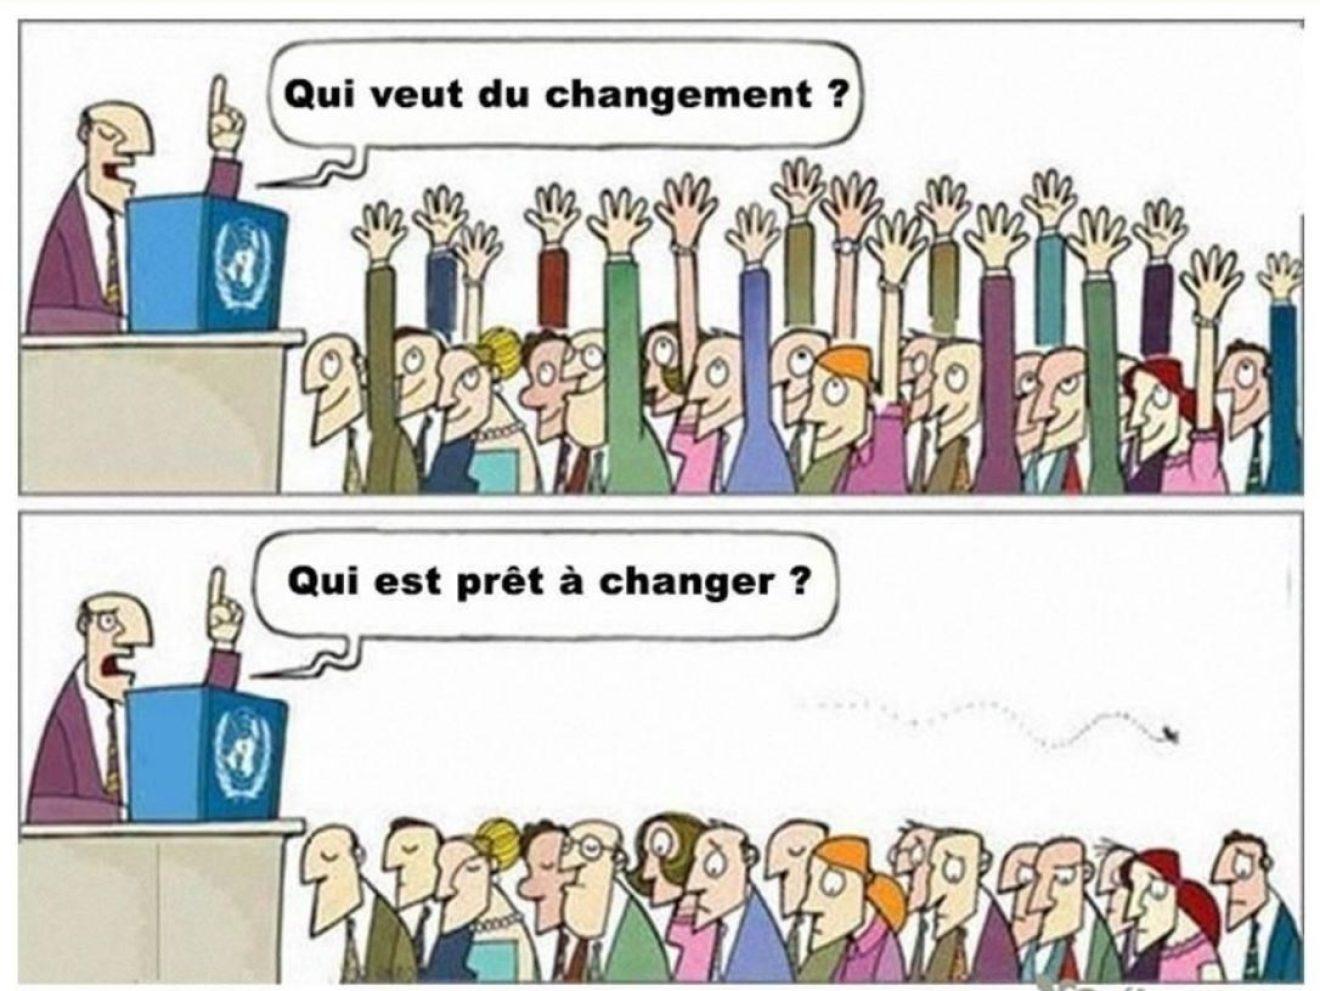 prêt au changement ?